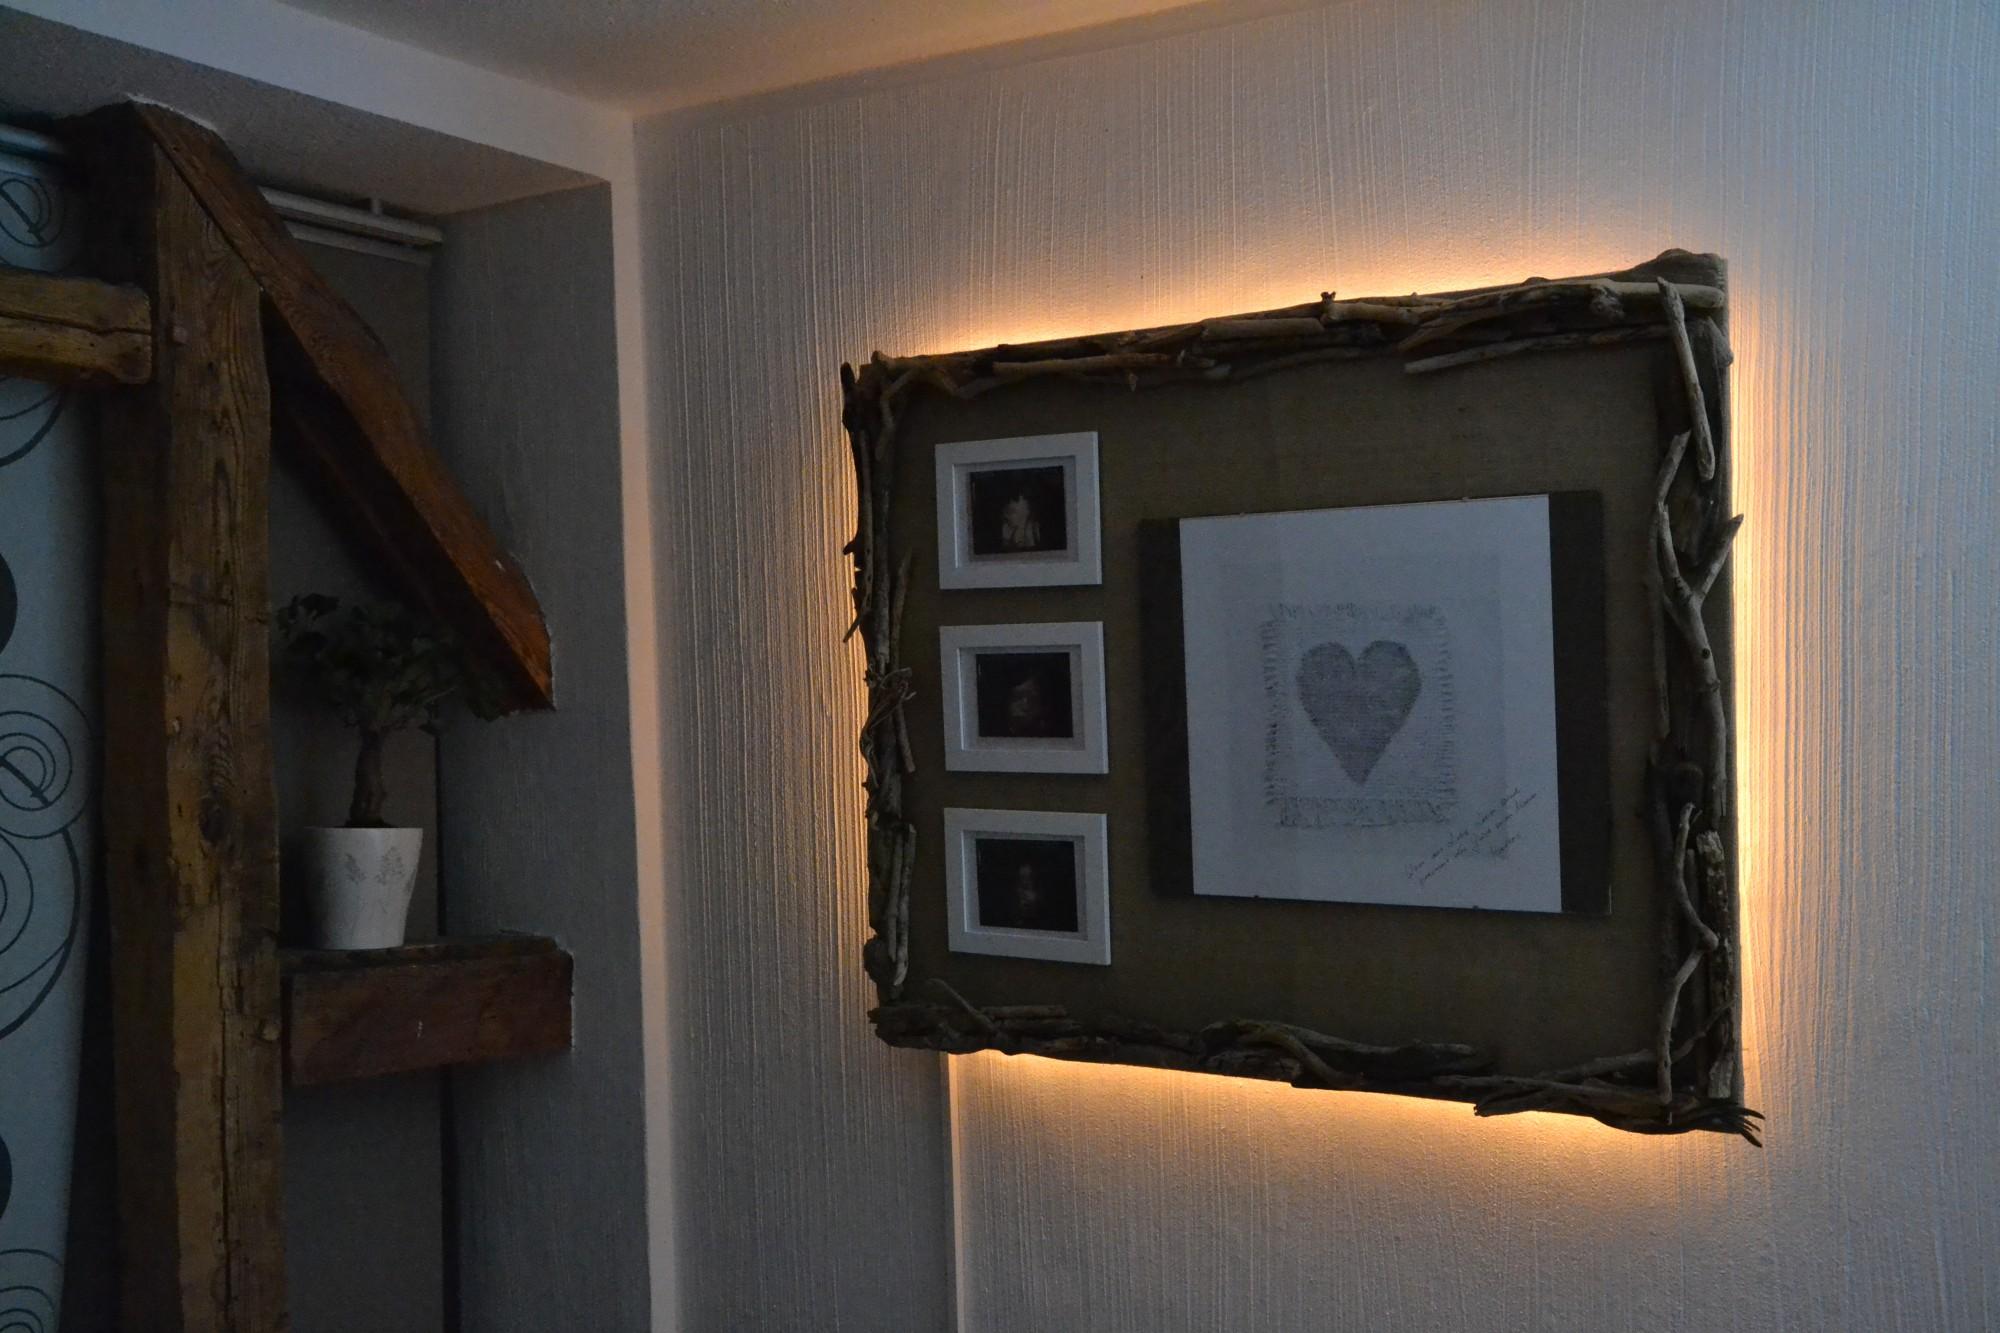 Indirekte Beleuchtung Wandbild : Pin indirektes licht in der kche on